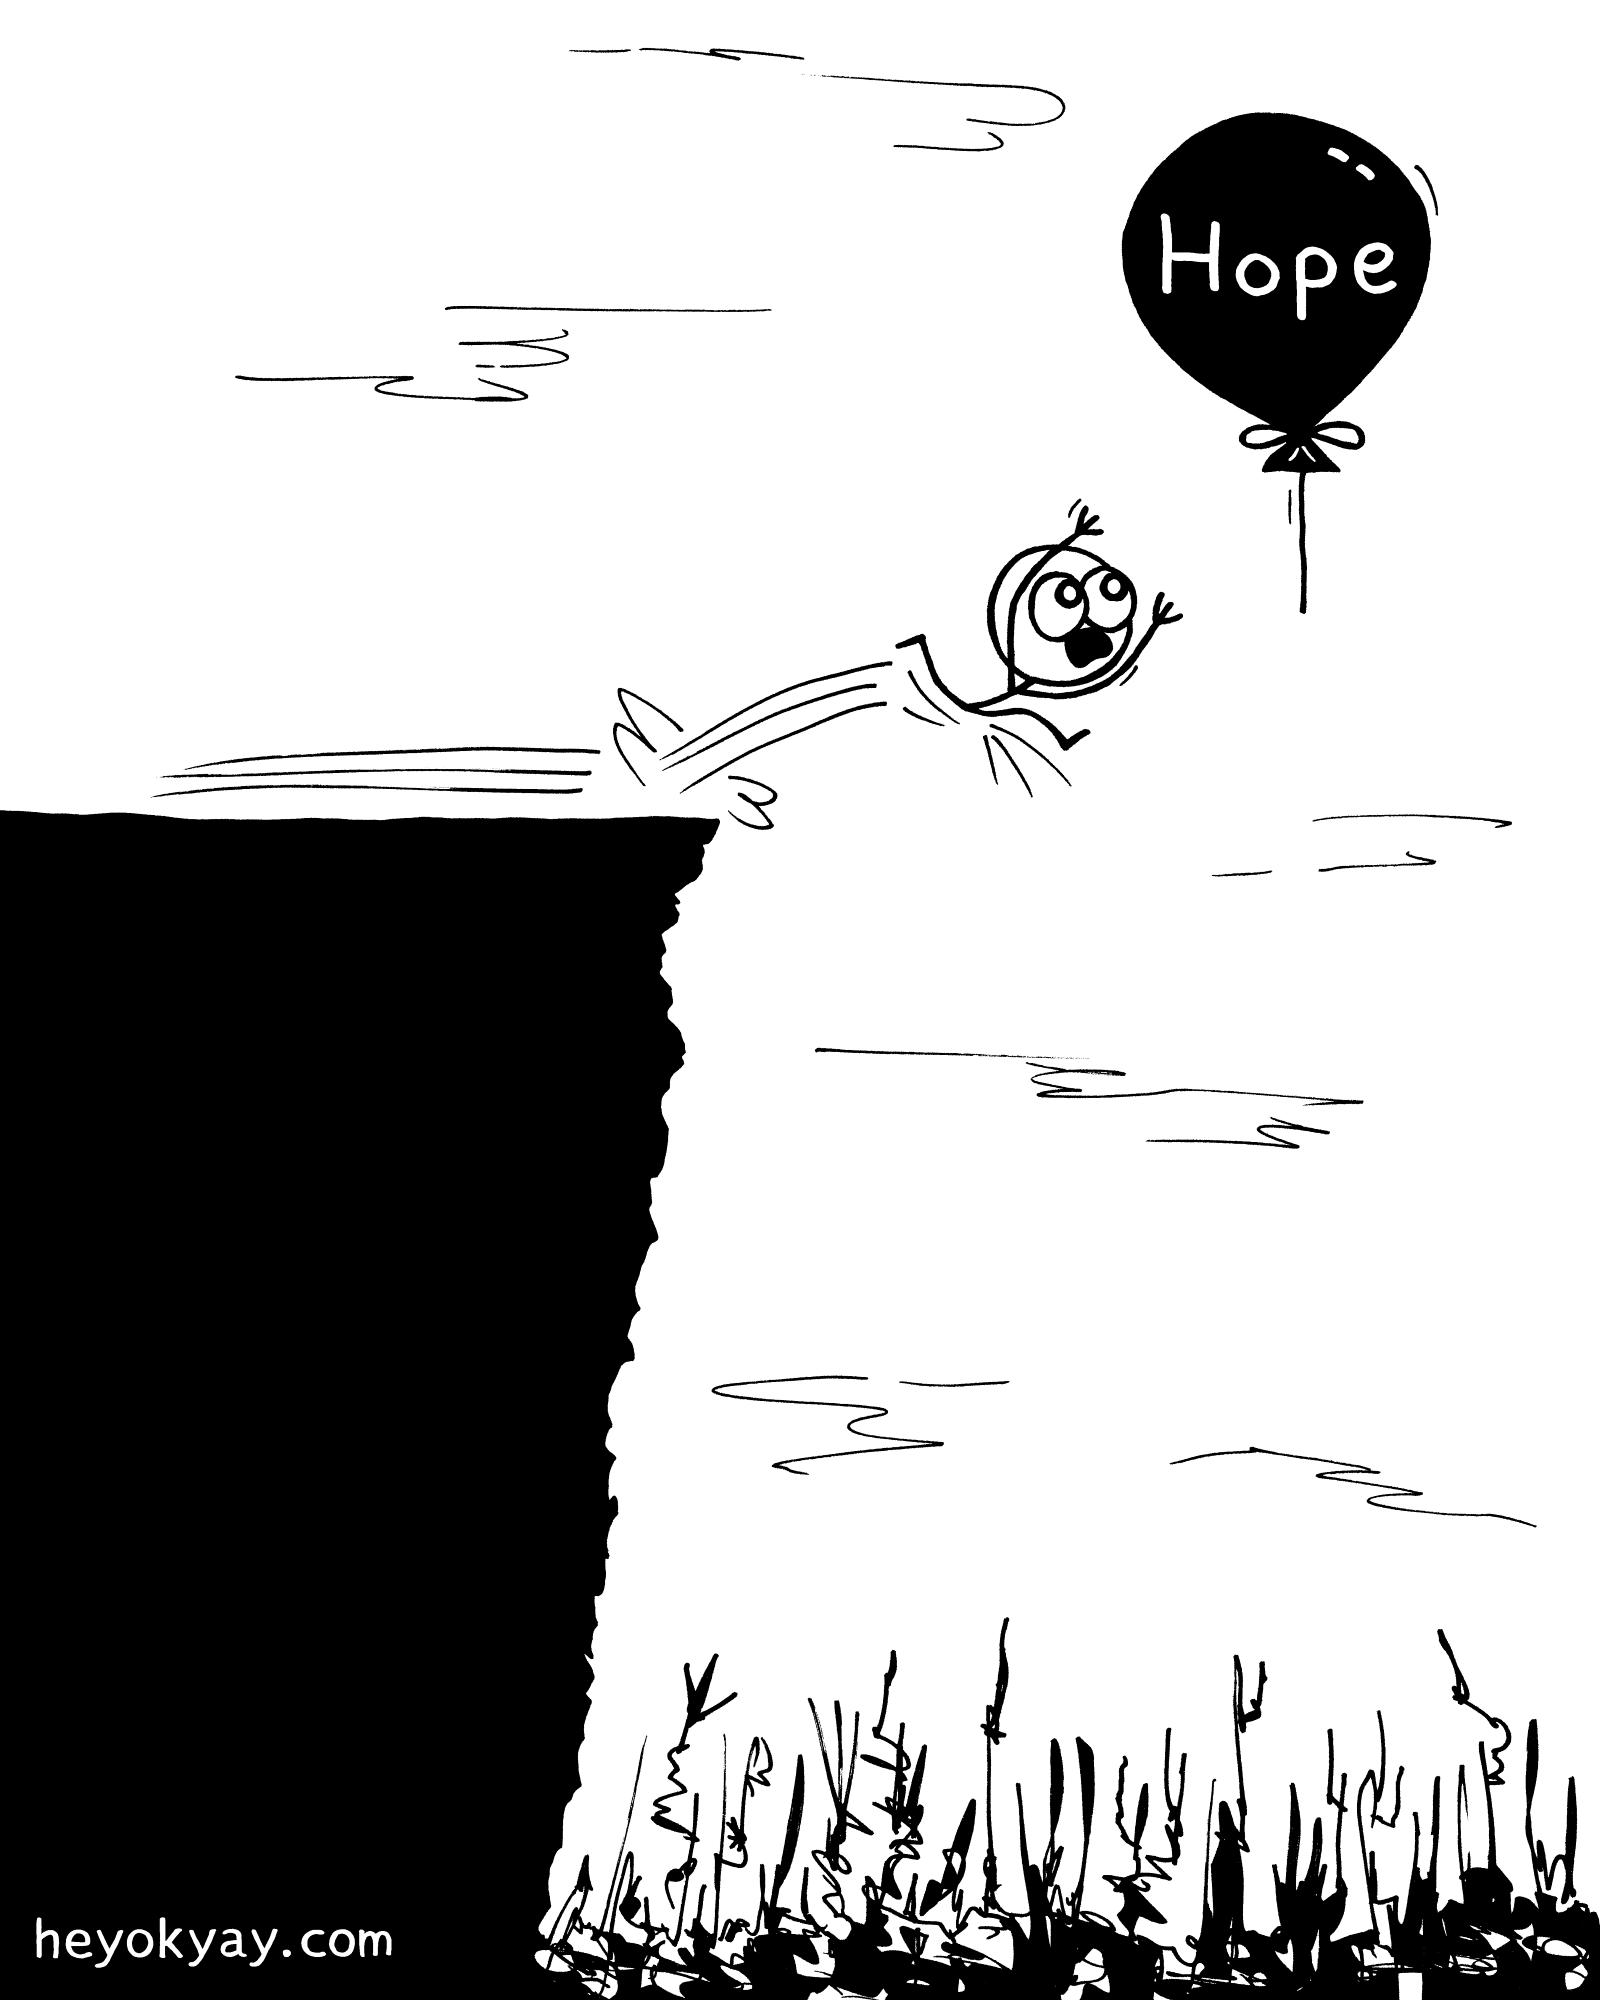 Last hope | Hey ok yay?